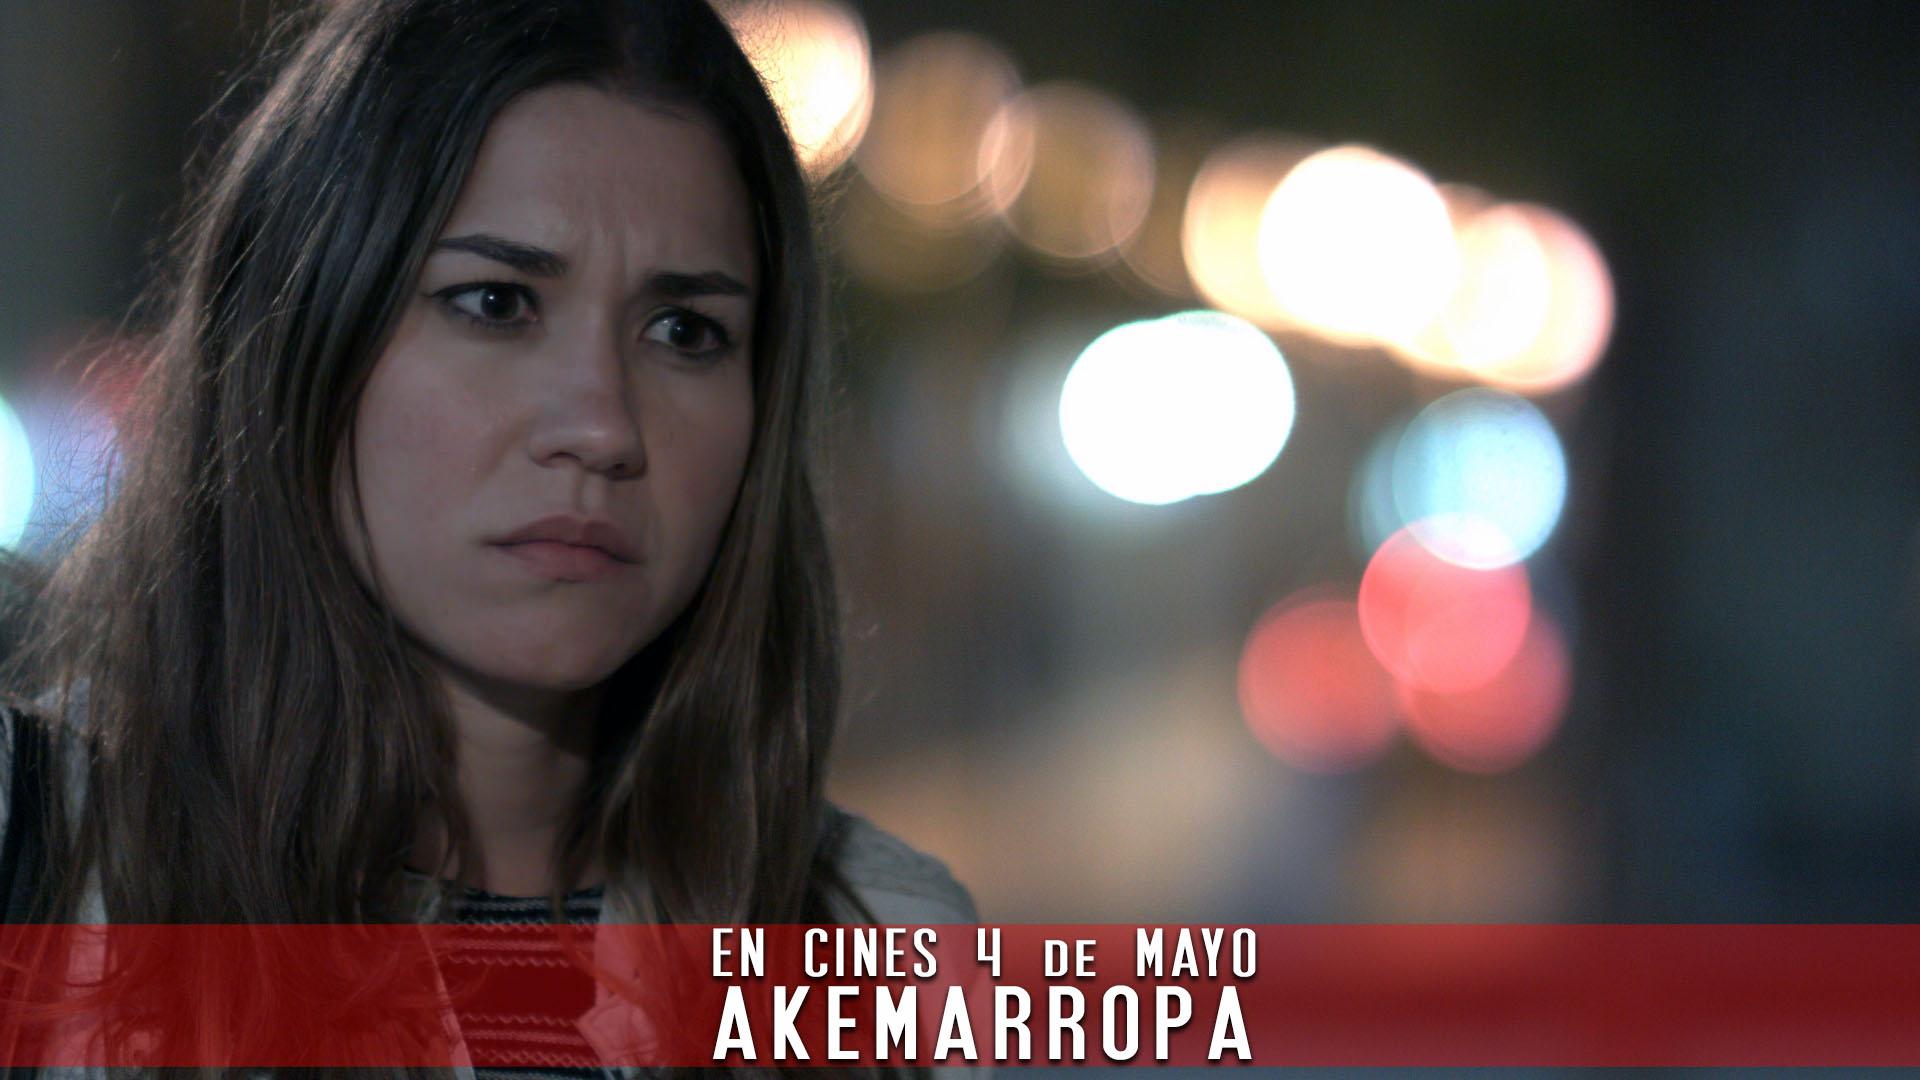 Elena Martinez Actriz Akemarropa